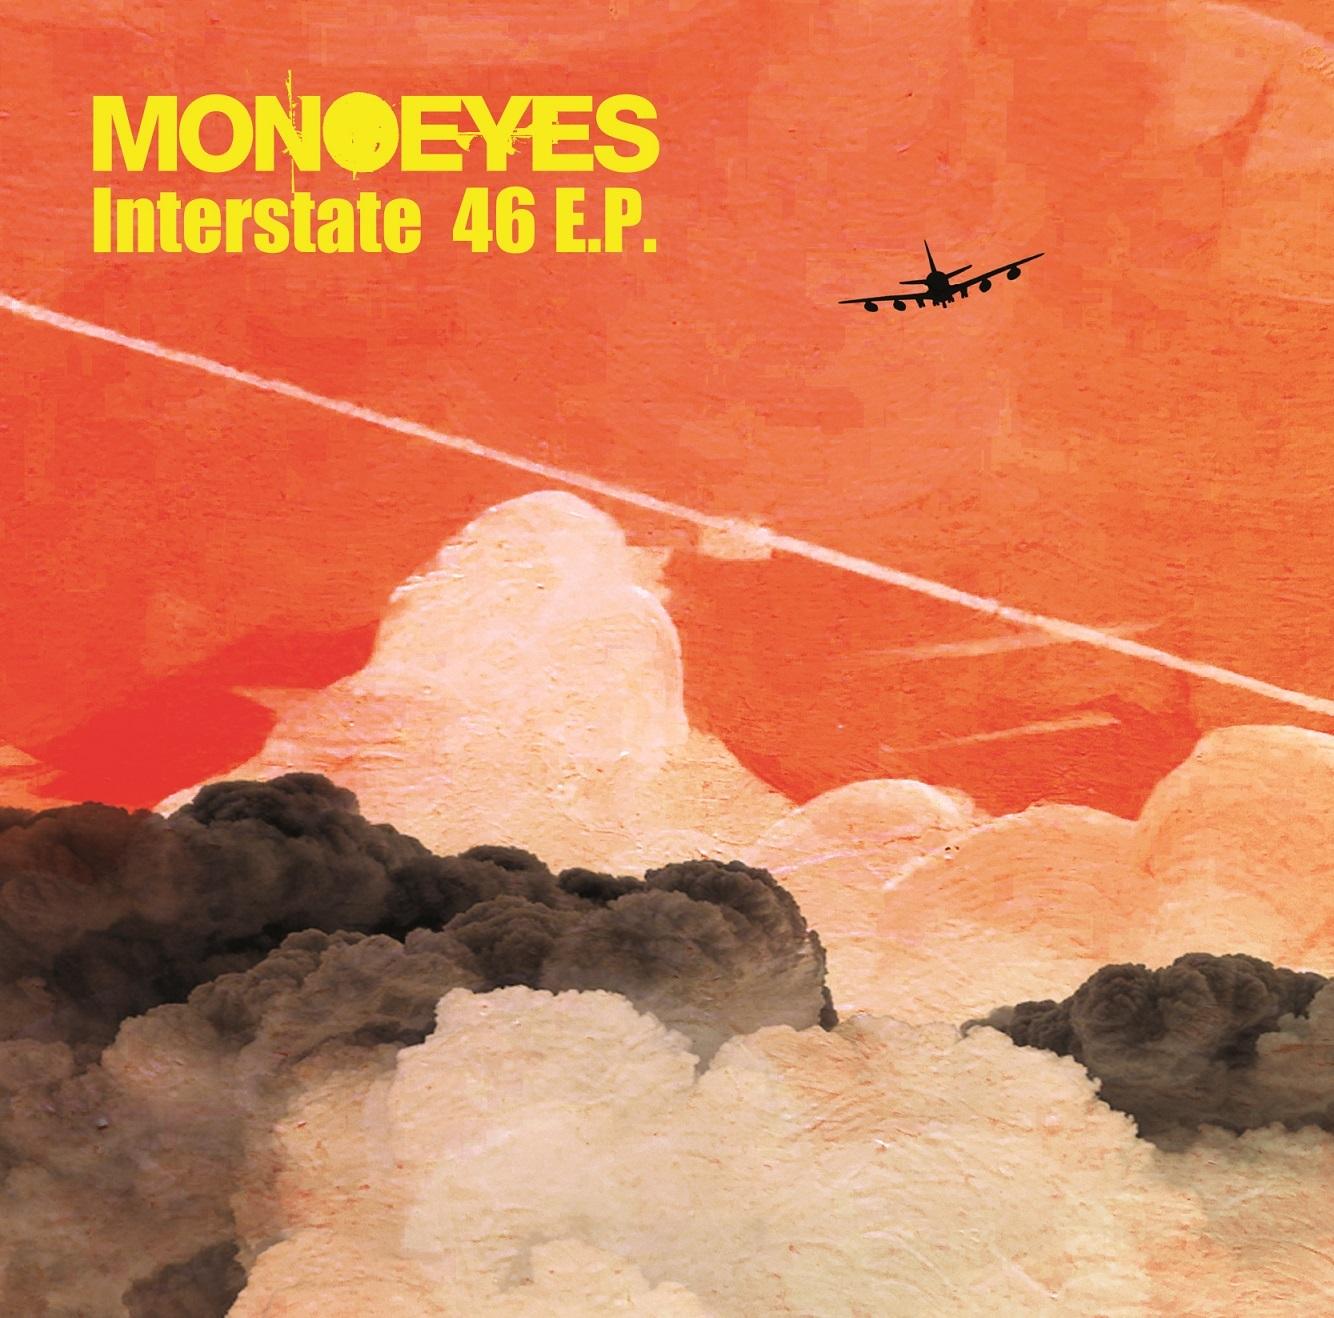 『Interstate 46 E.P.』